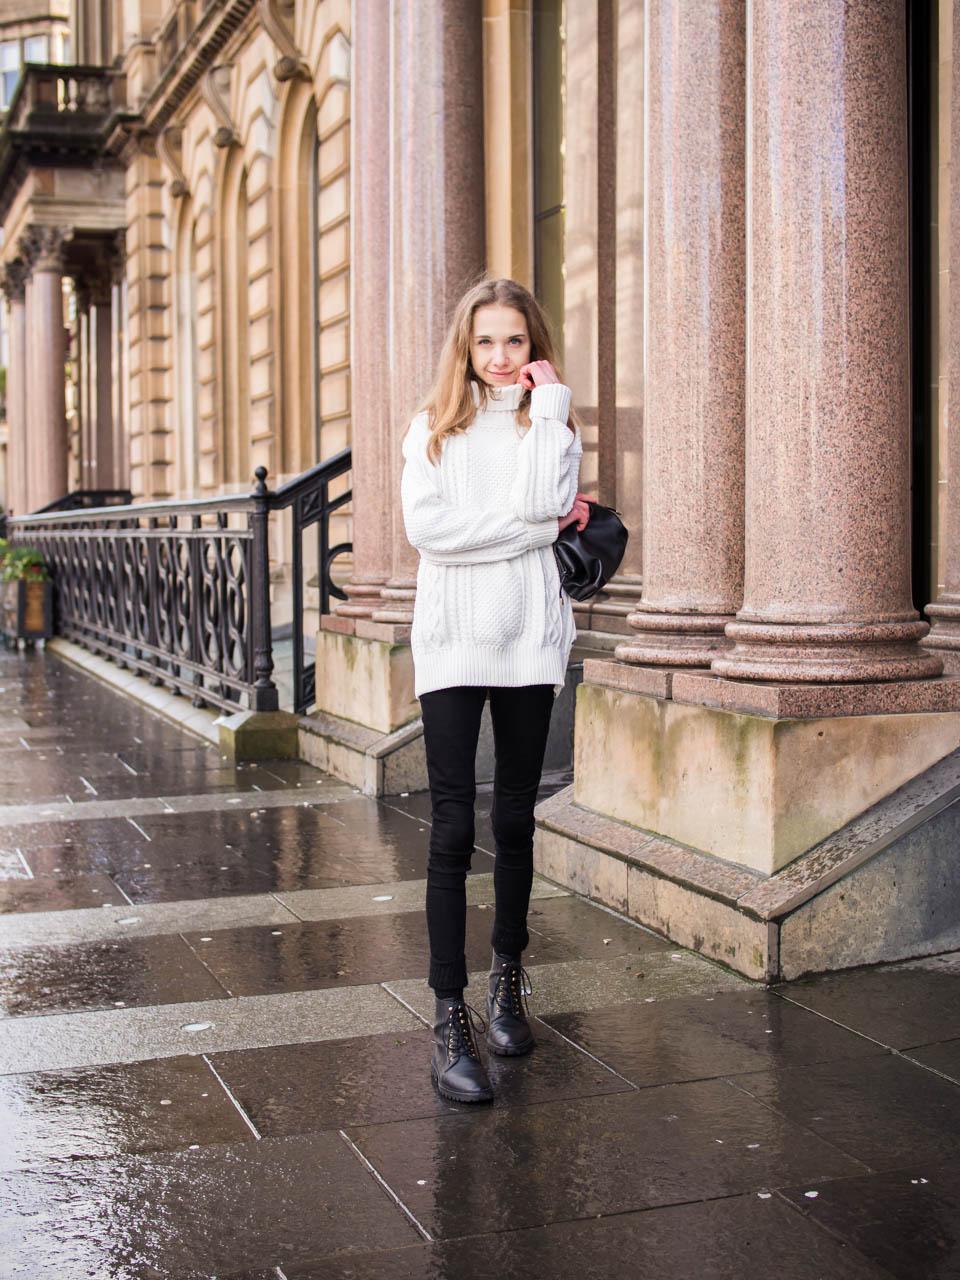 Black and white winter outfits - Mustavalkoinen asu talveen, muoti, bloggaaja